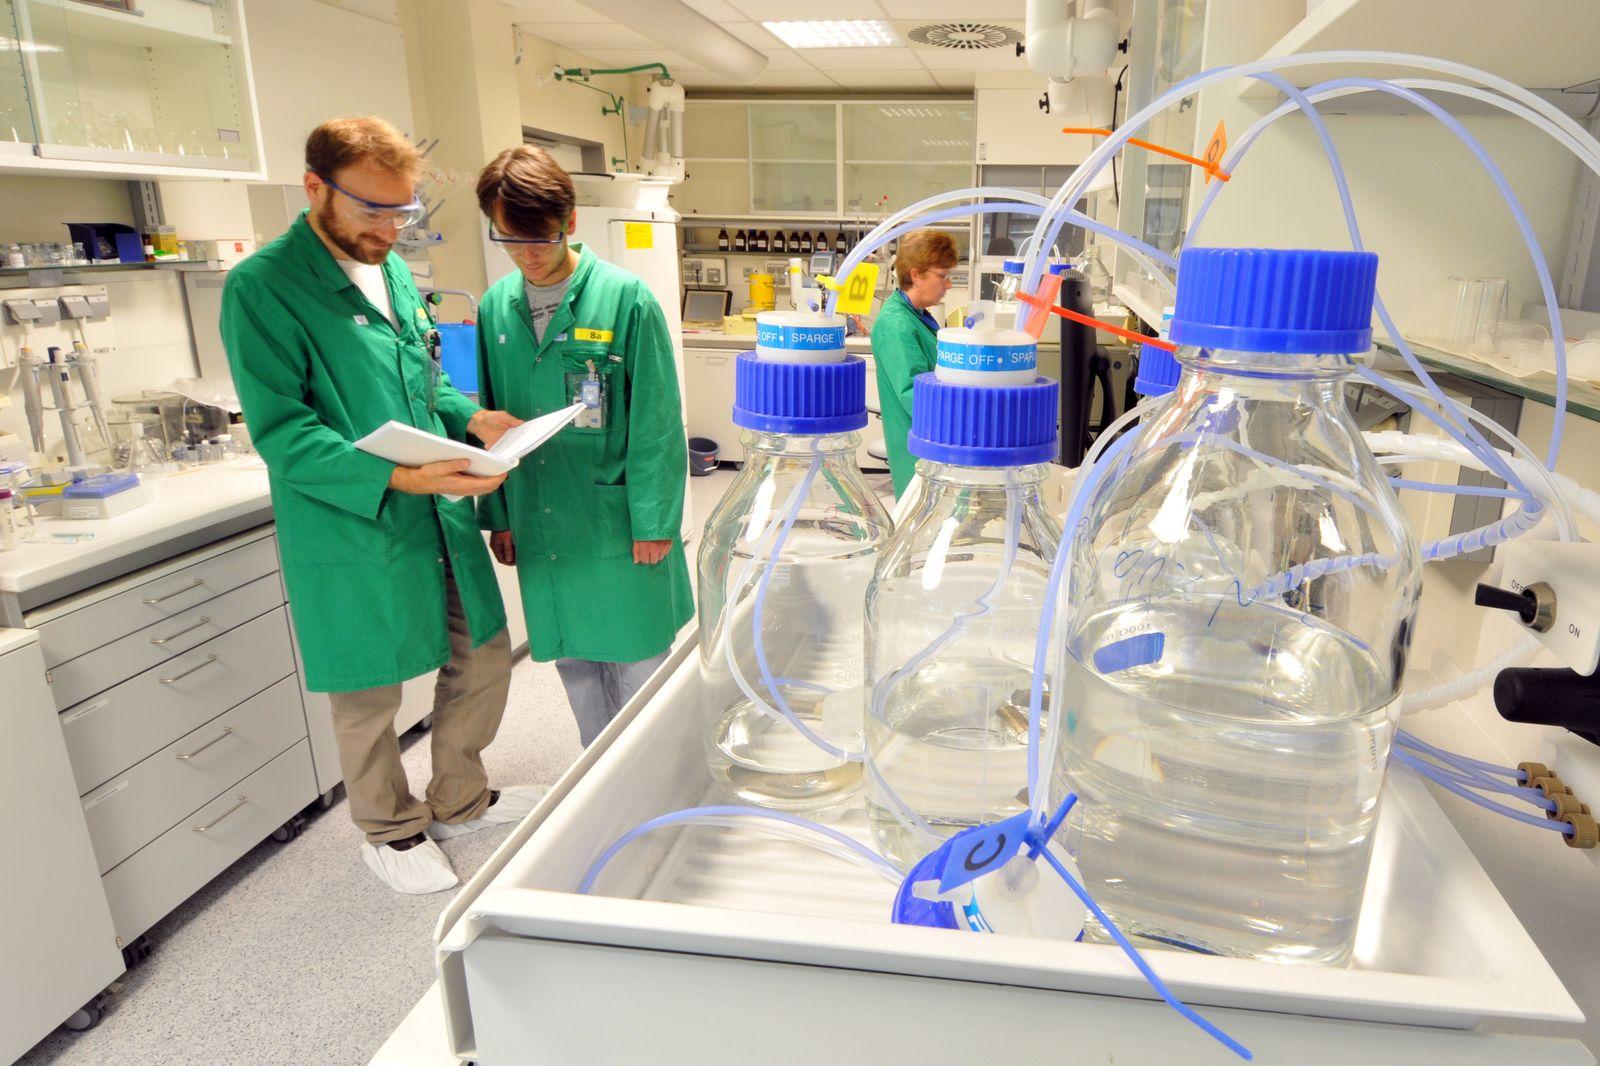 Forschungsanlagen im Helmholtz-Zentrum